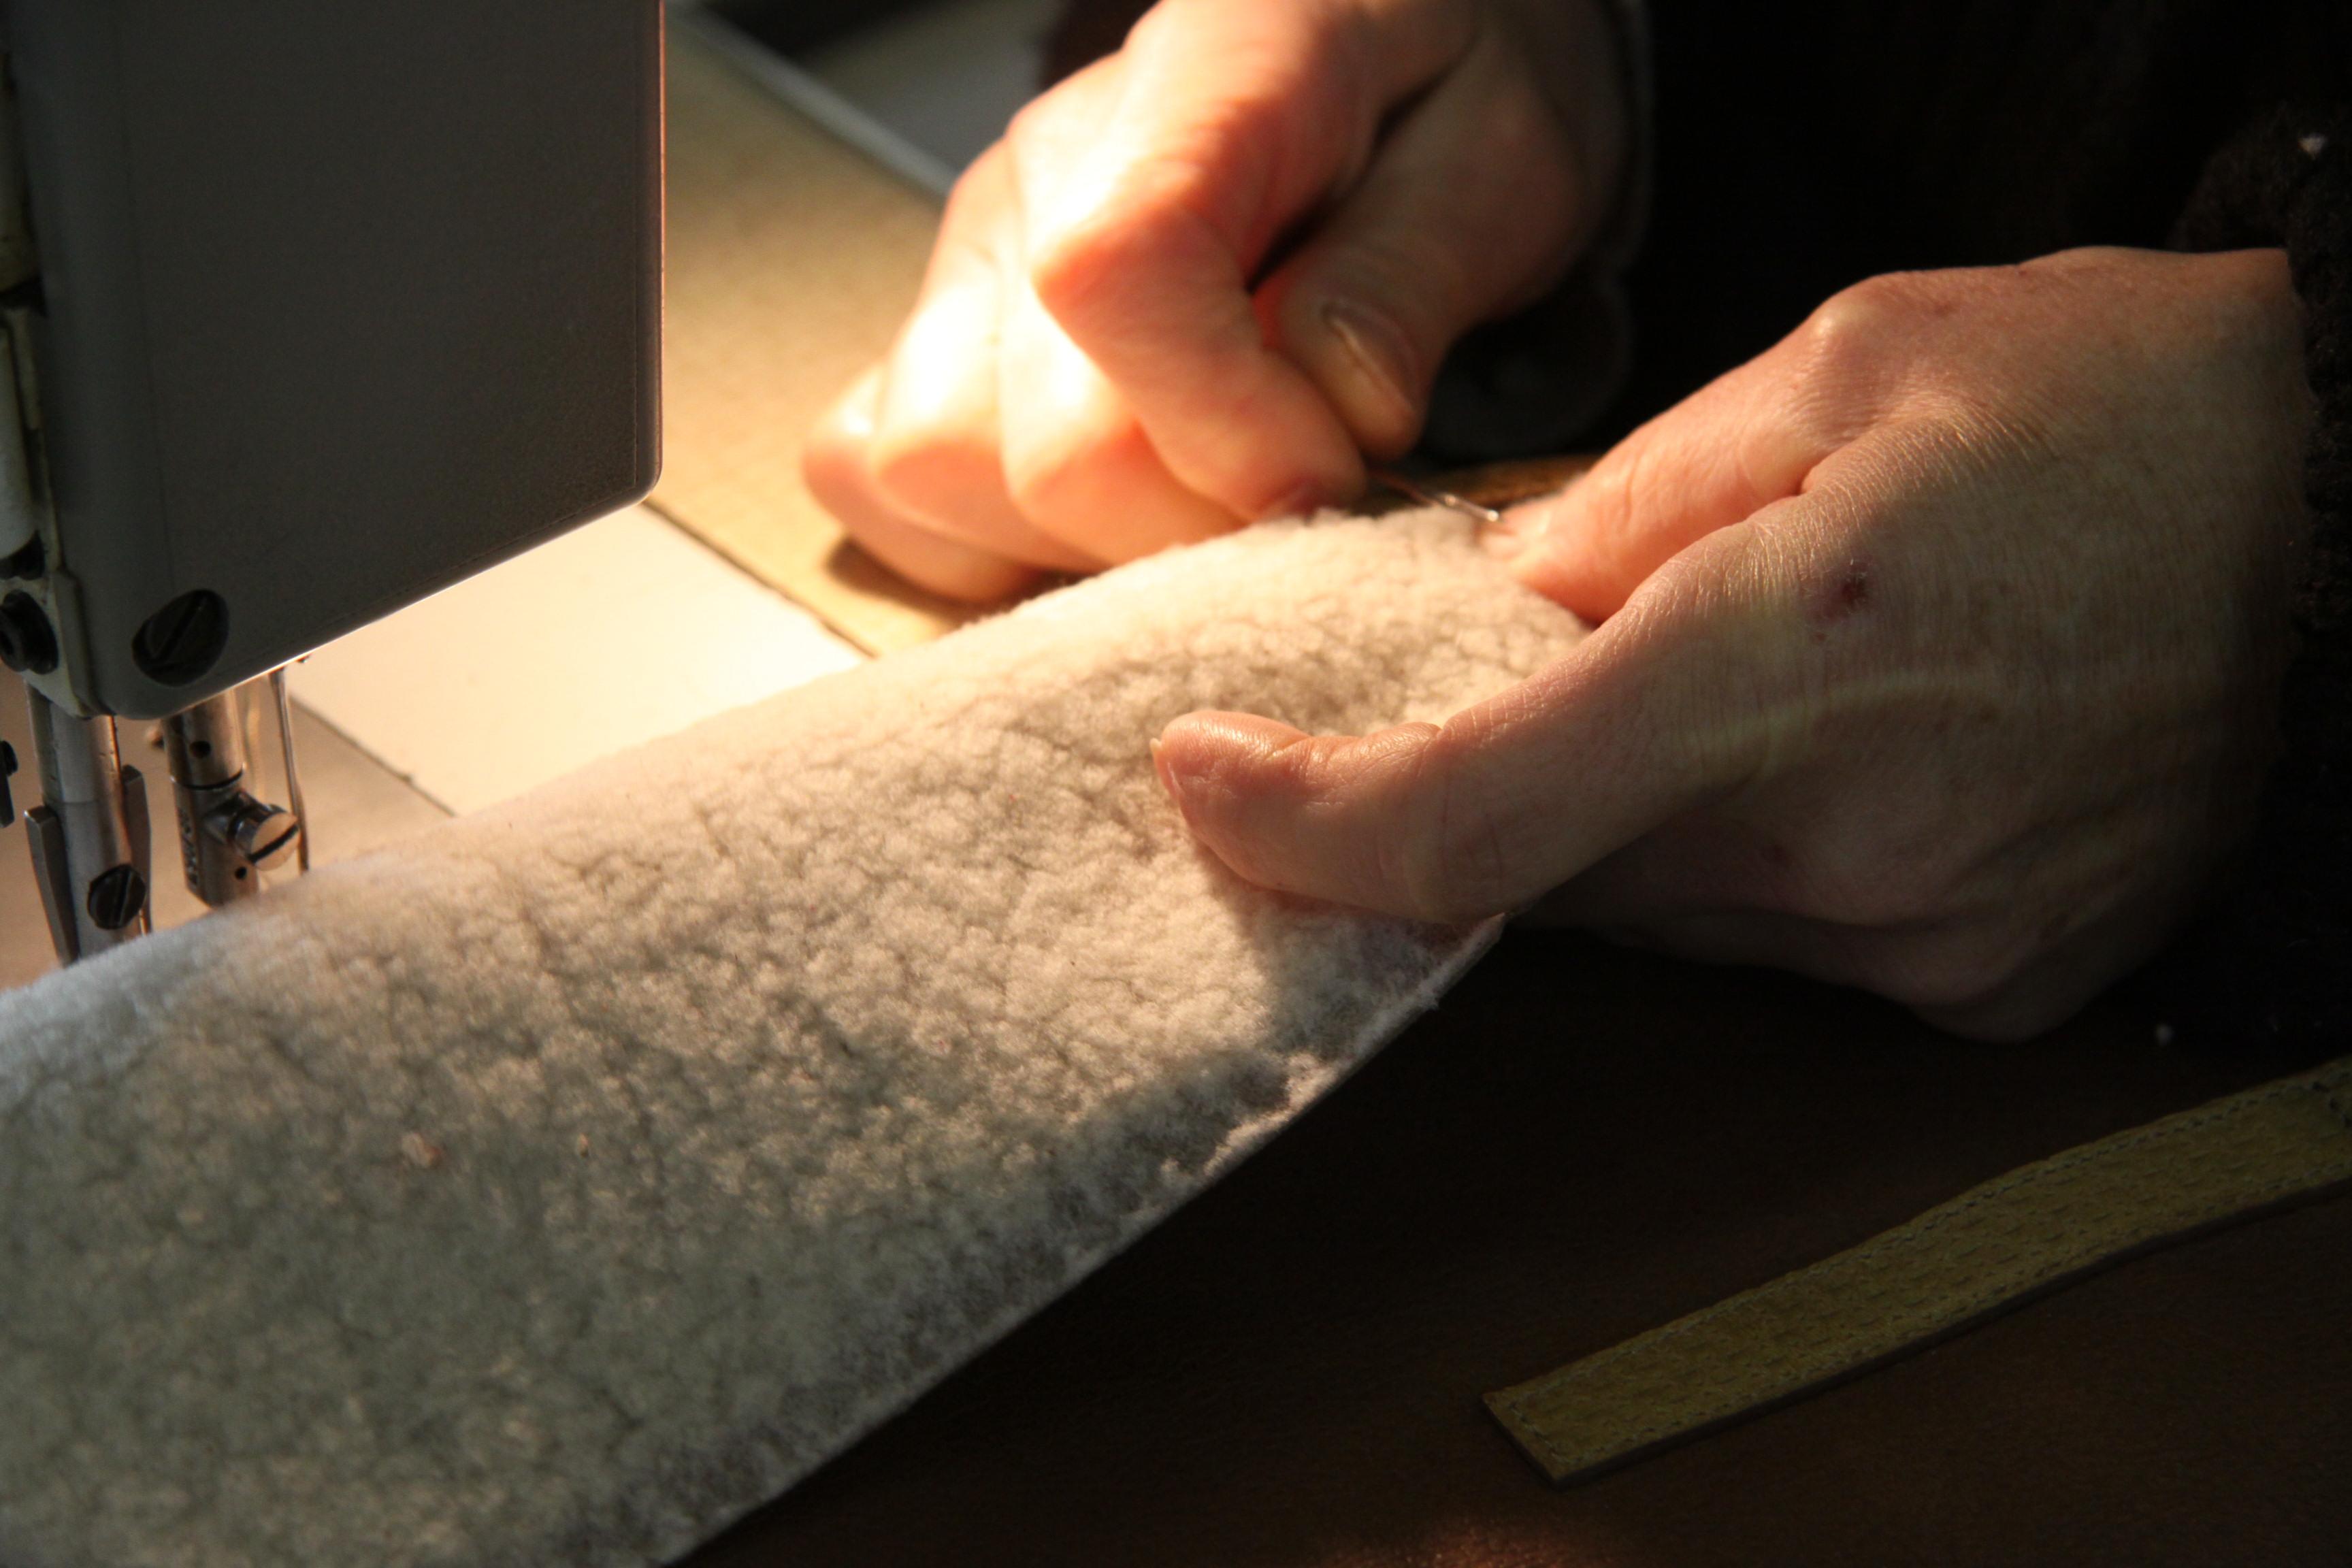 la manuf - La Manufacture du Cuir - piqure 2